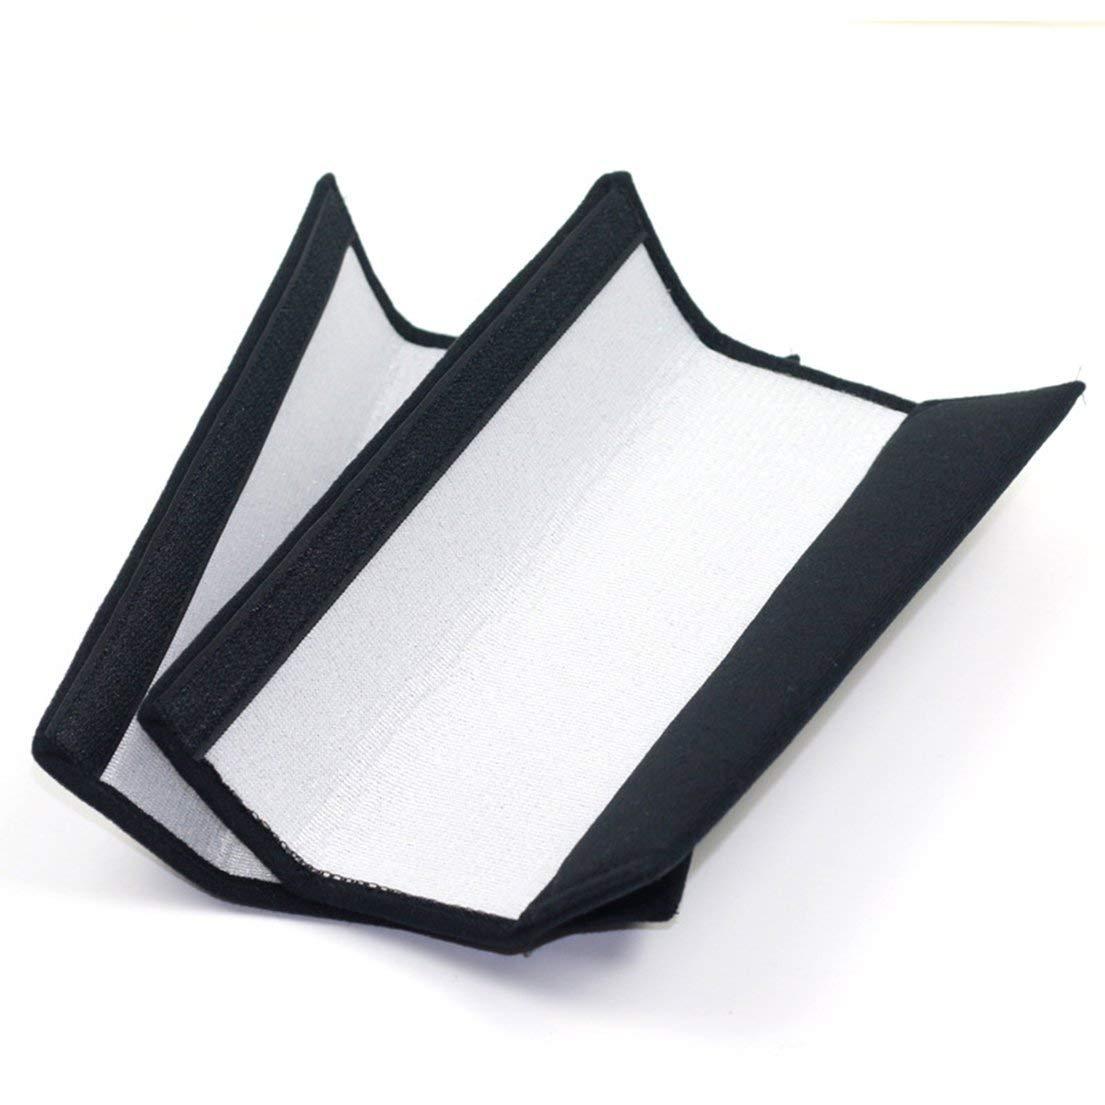 DF-ES Universal Thickened Children Kids Auto Almohadillas de cintur/ón de seguridad para el autom/óvil Arn/és Correa de hombro de seguridad Fundas de cojines negro